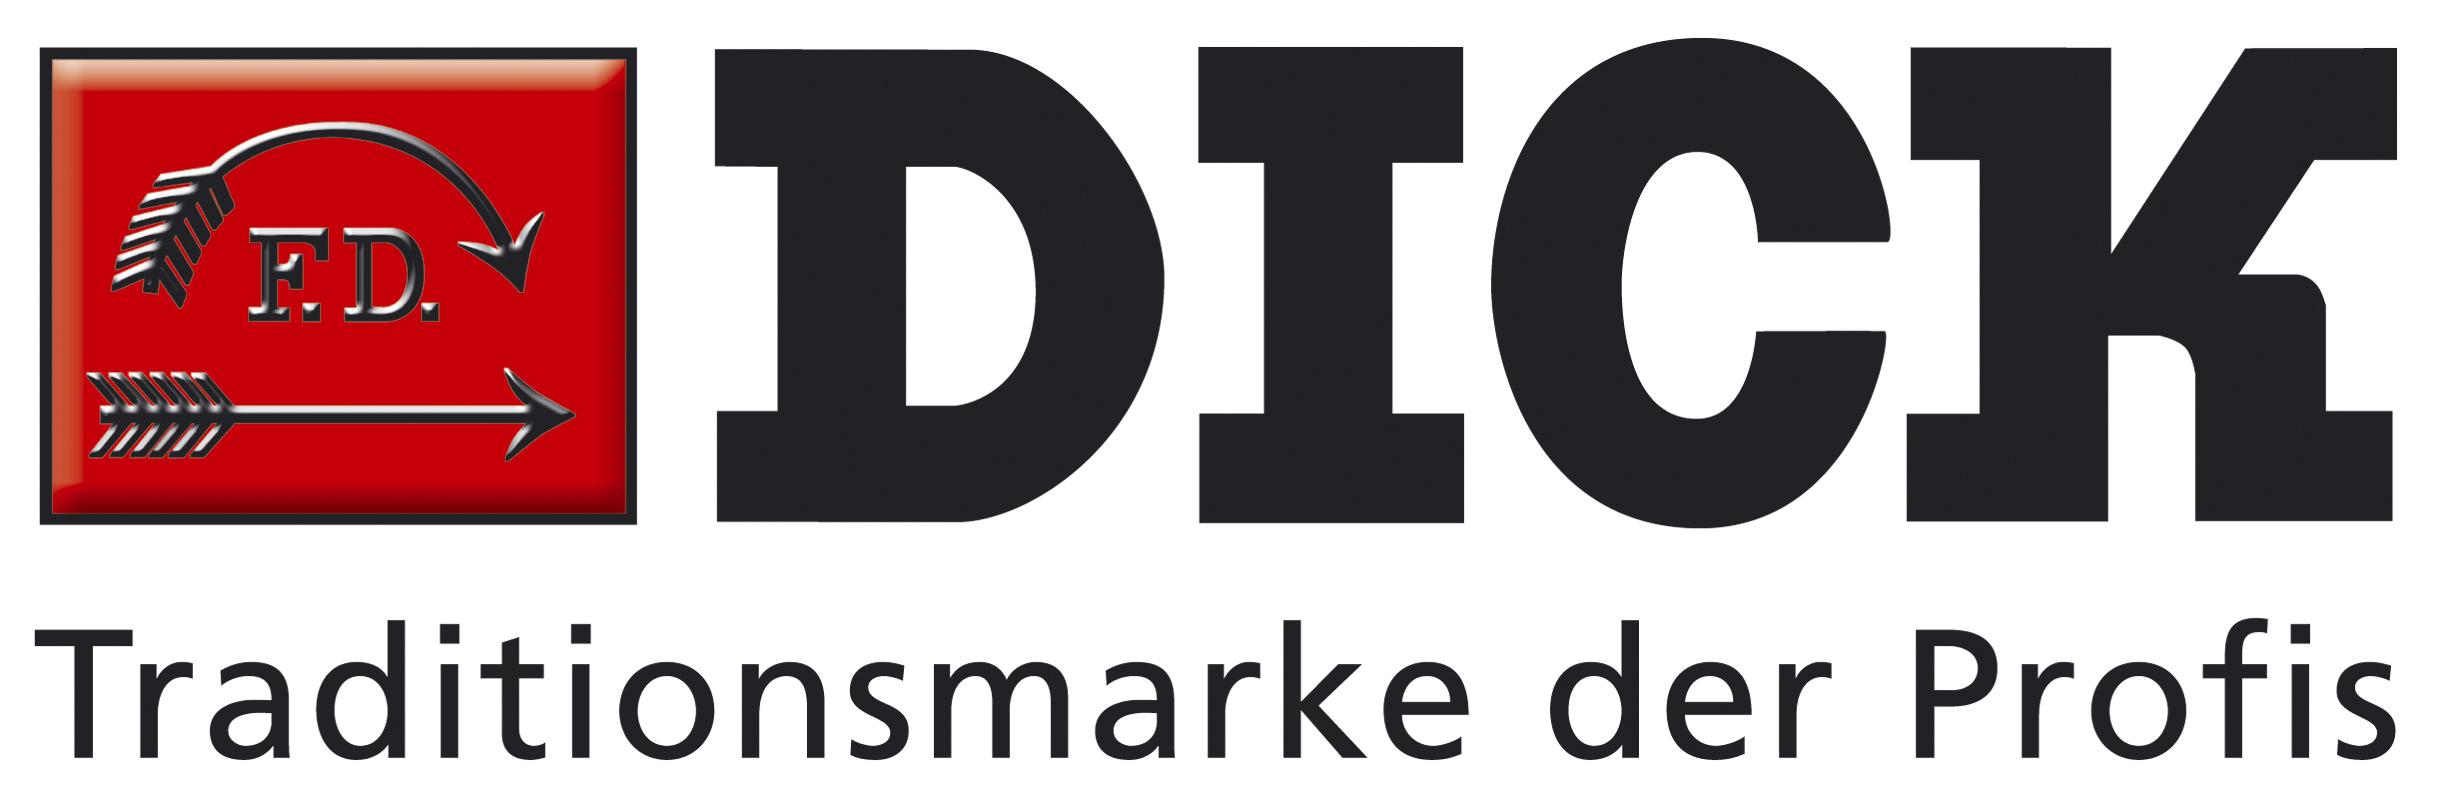 dicklogo-claim-rgb300dpi.jpg